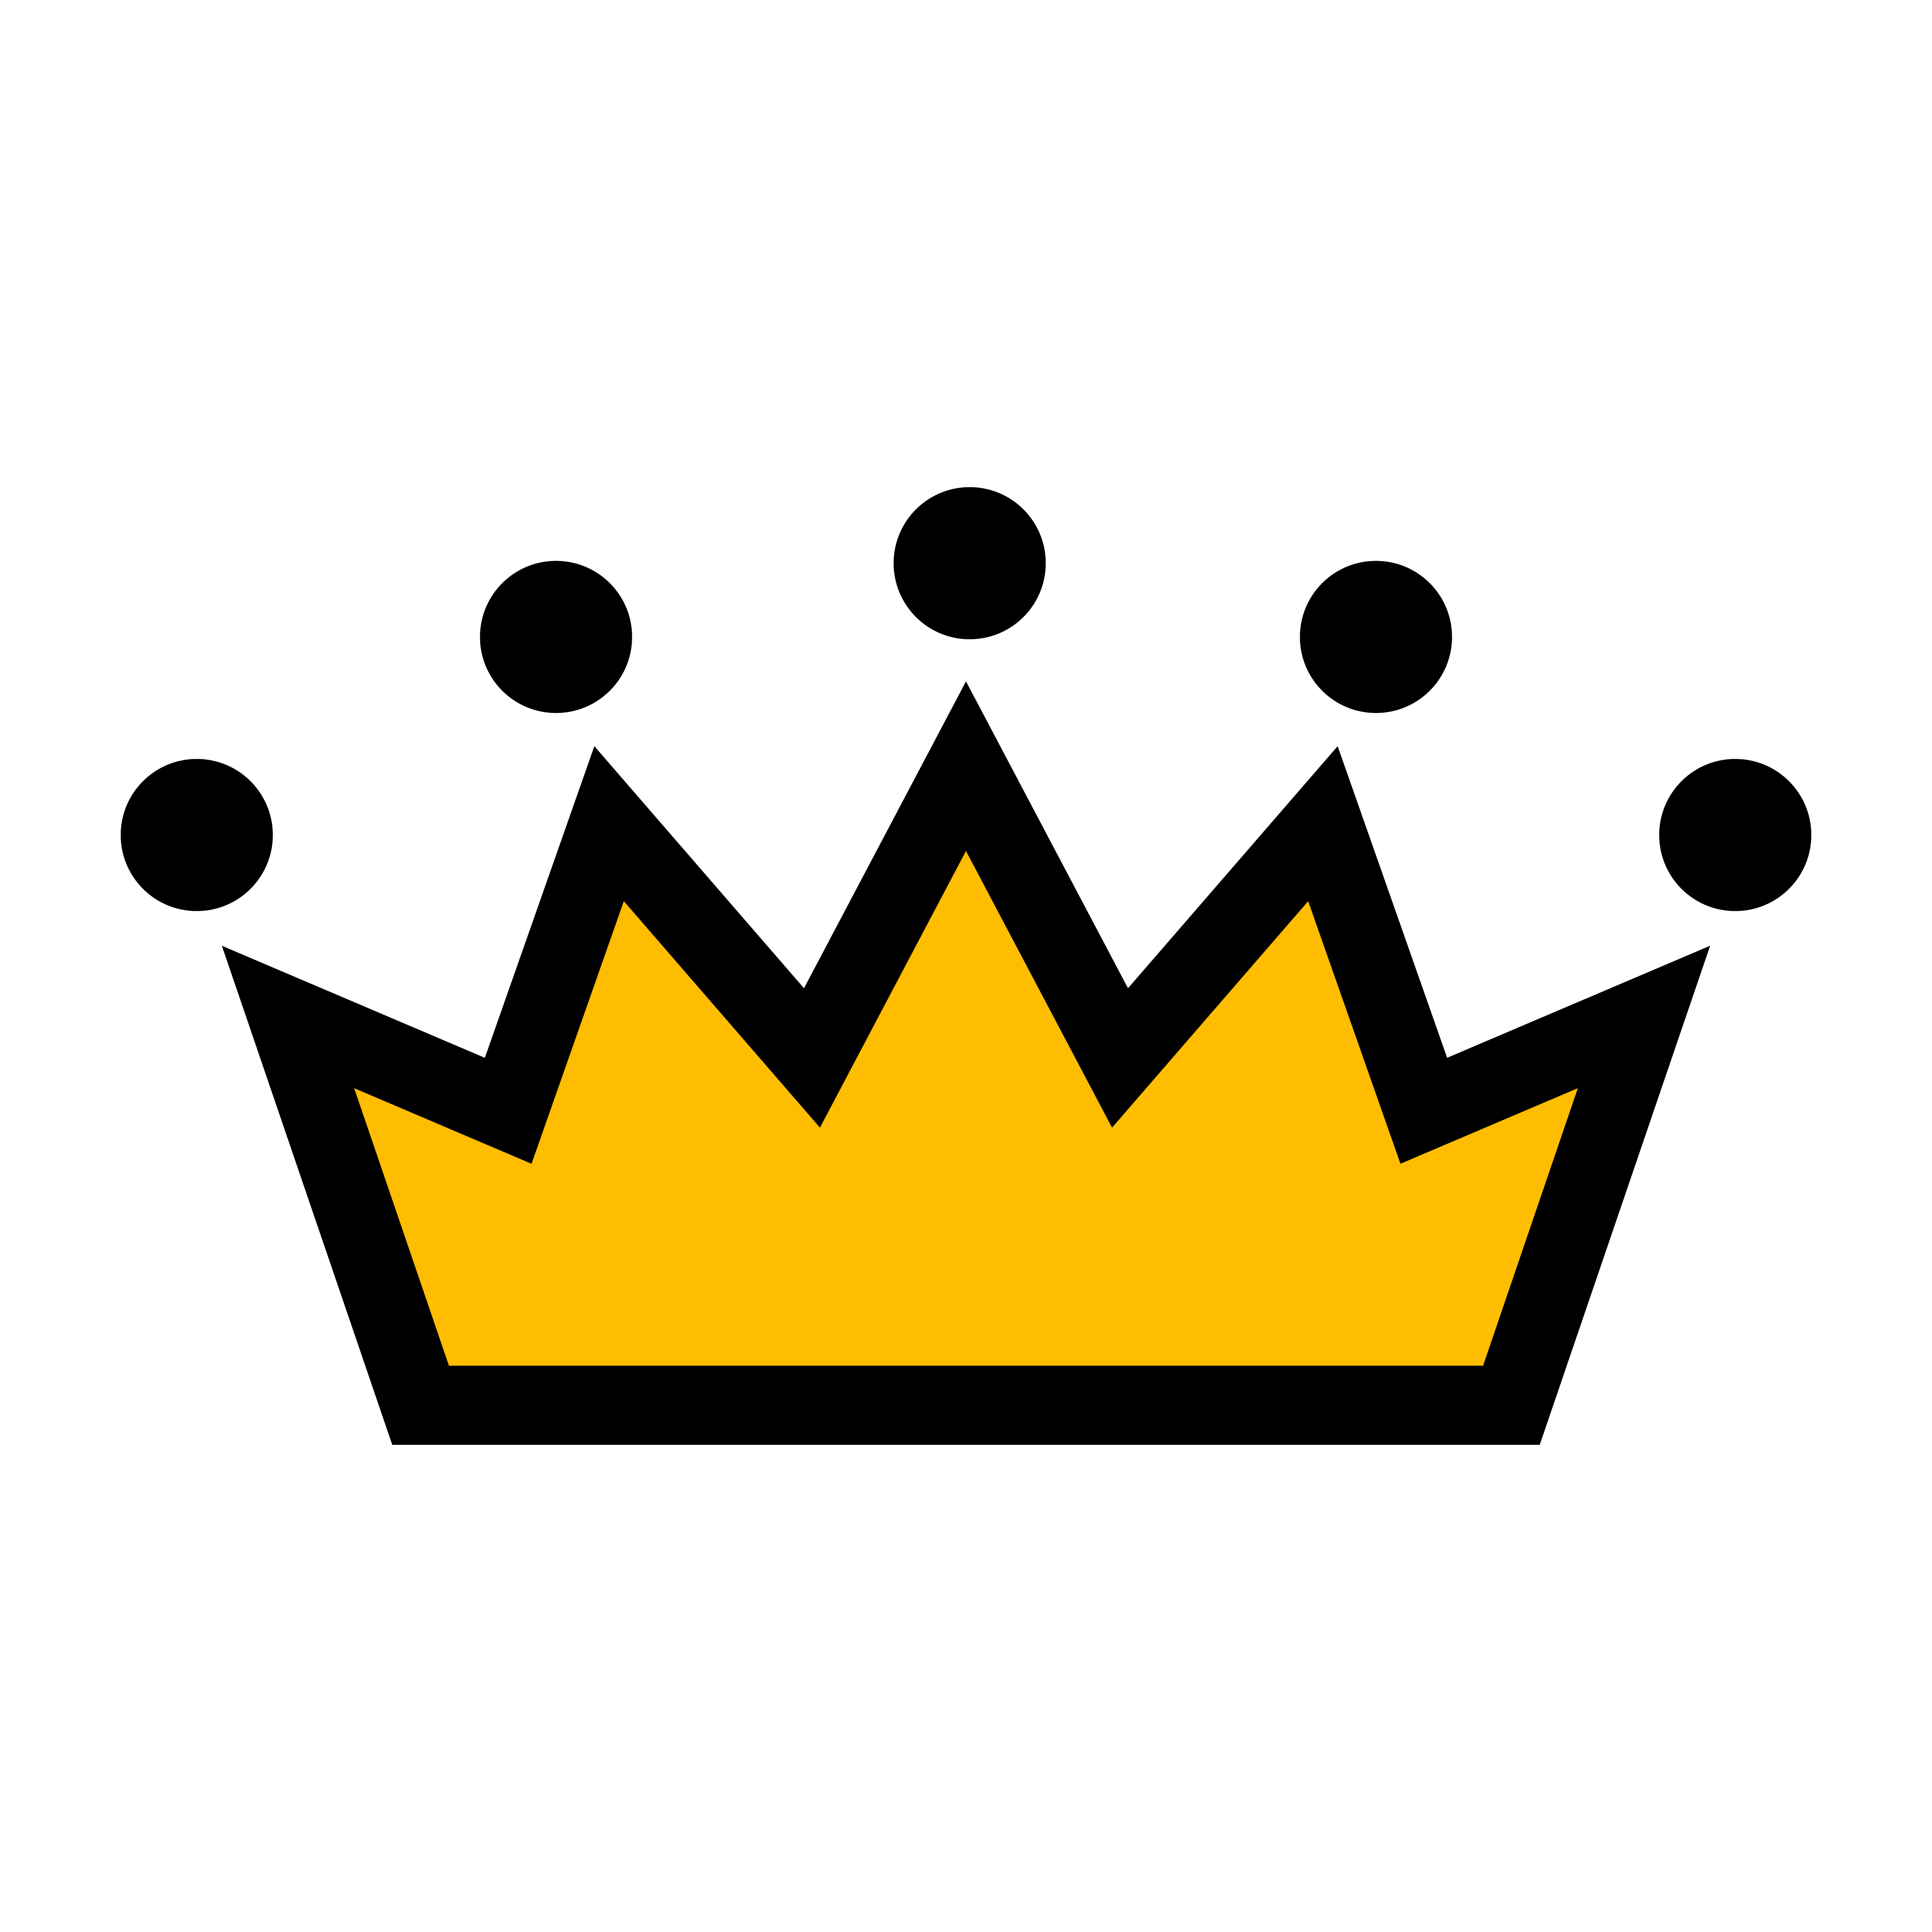 Royal Crown Vector Icon 554673